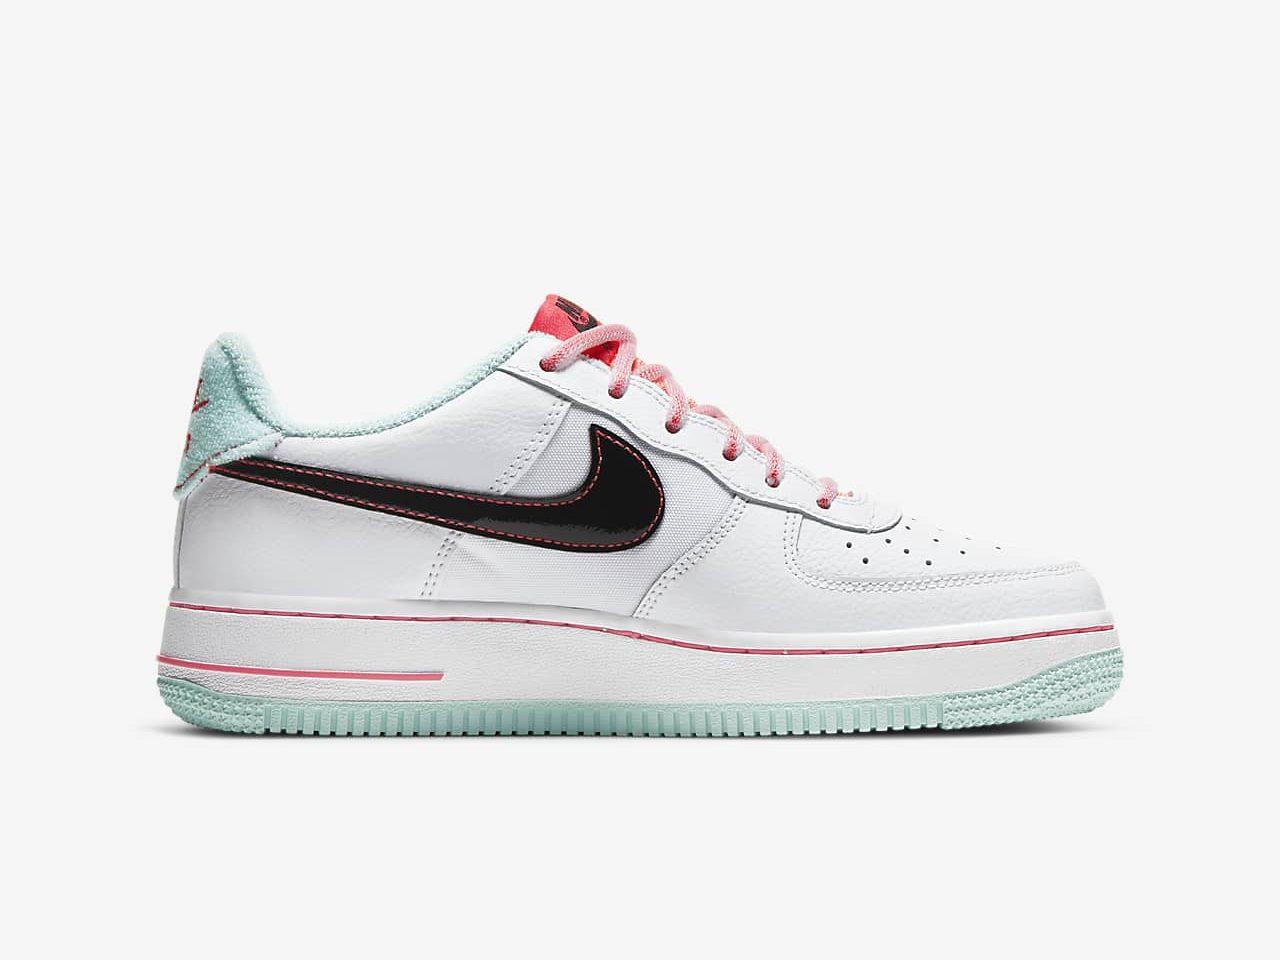 ナイキ エア フォース 1 ホワイト フラッシュ クリムゾン アトミック ピンク Nike Air Force 1 07 LV8 White Flash Crimson Atomic Pink DD7709-100 side right